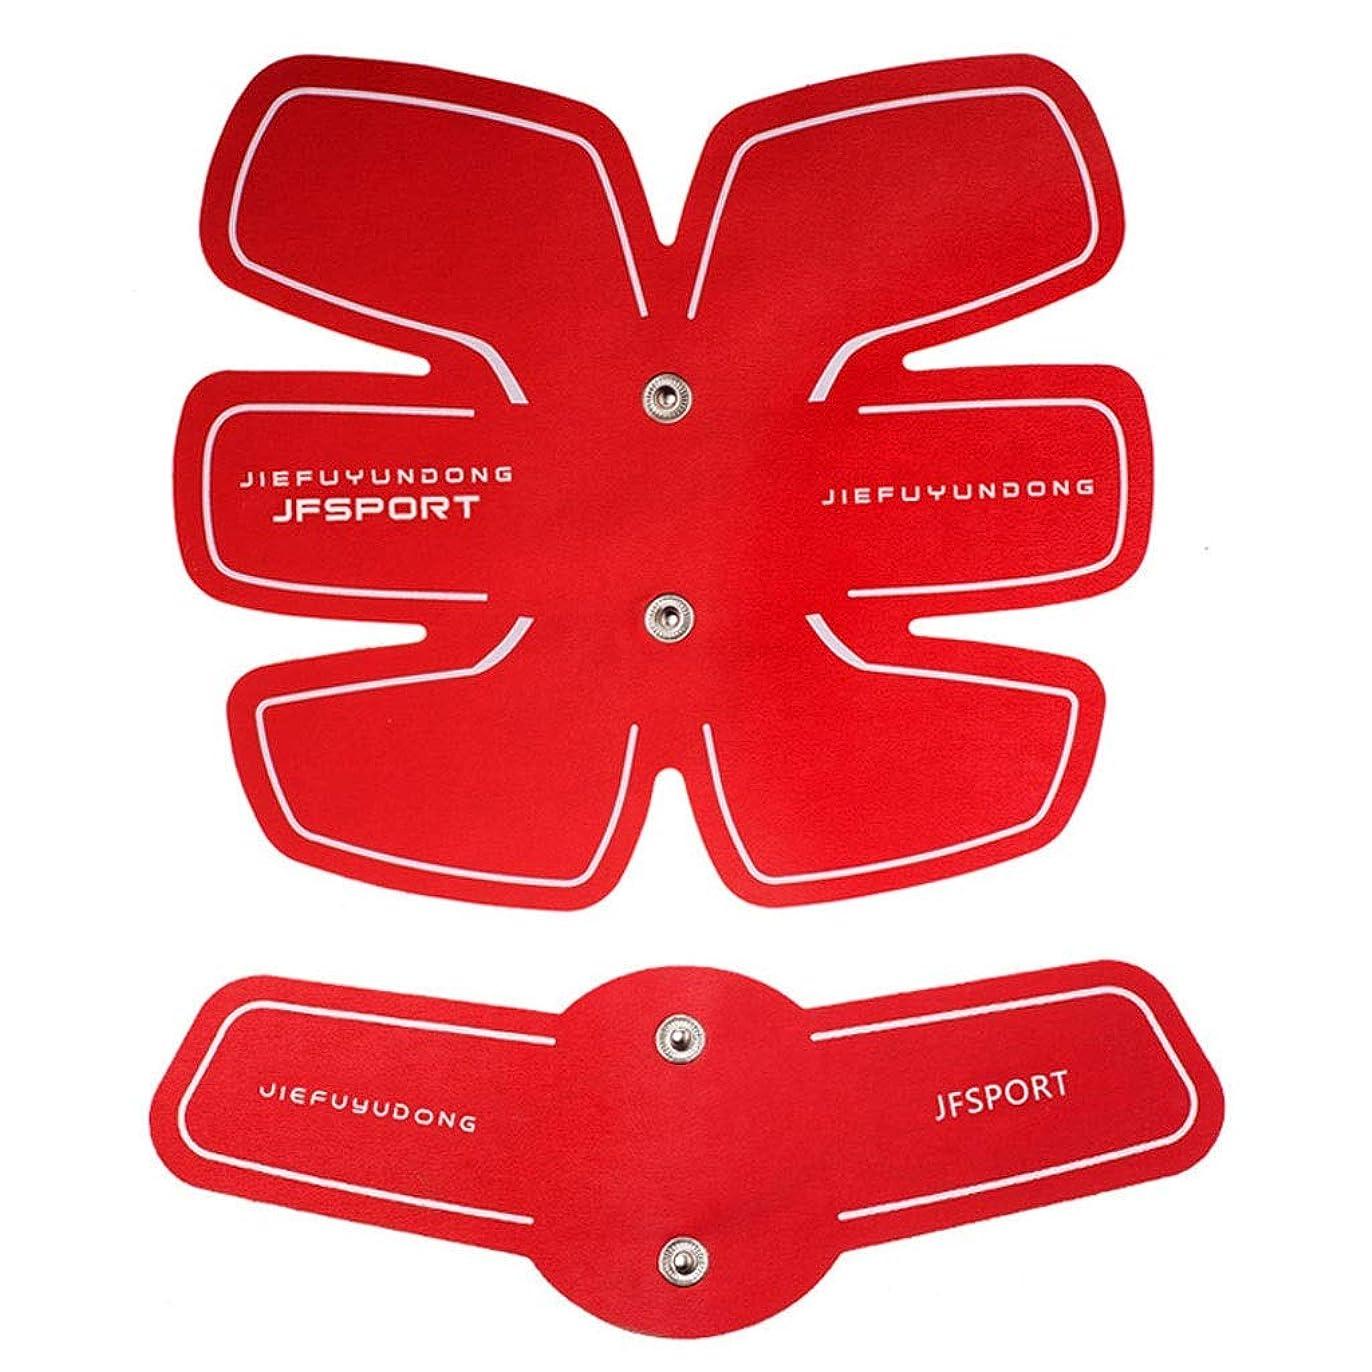 鉄道たくさんの並外れたEms筋肉刺激装置、腹筋トレーナー腹筋トナー腹筋トレーナーフィットネストレーニングギアabsフィット重量筋肉トレーニング調色ジムトレーニングマシン (Color : Red, Size : A+B)